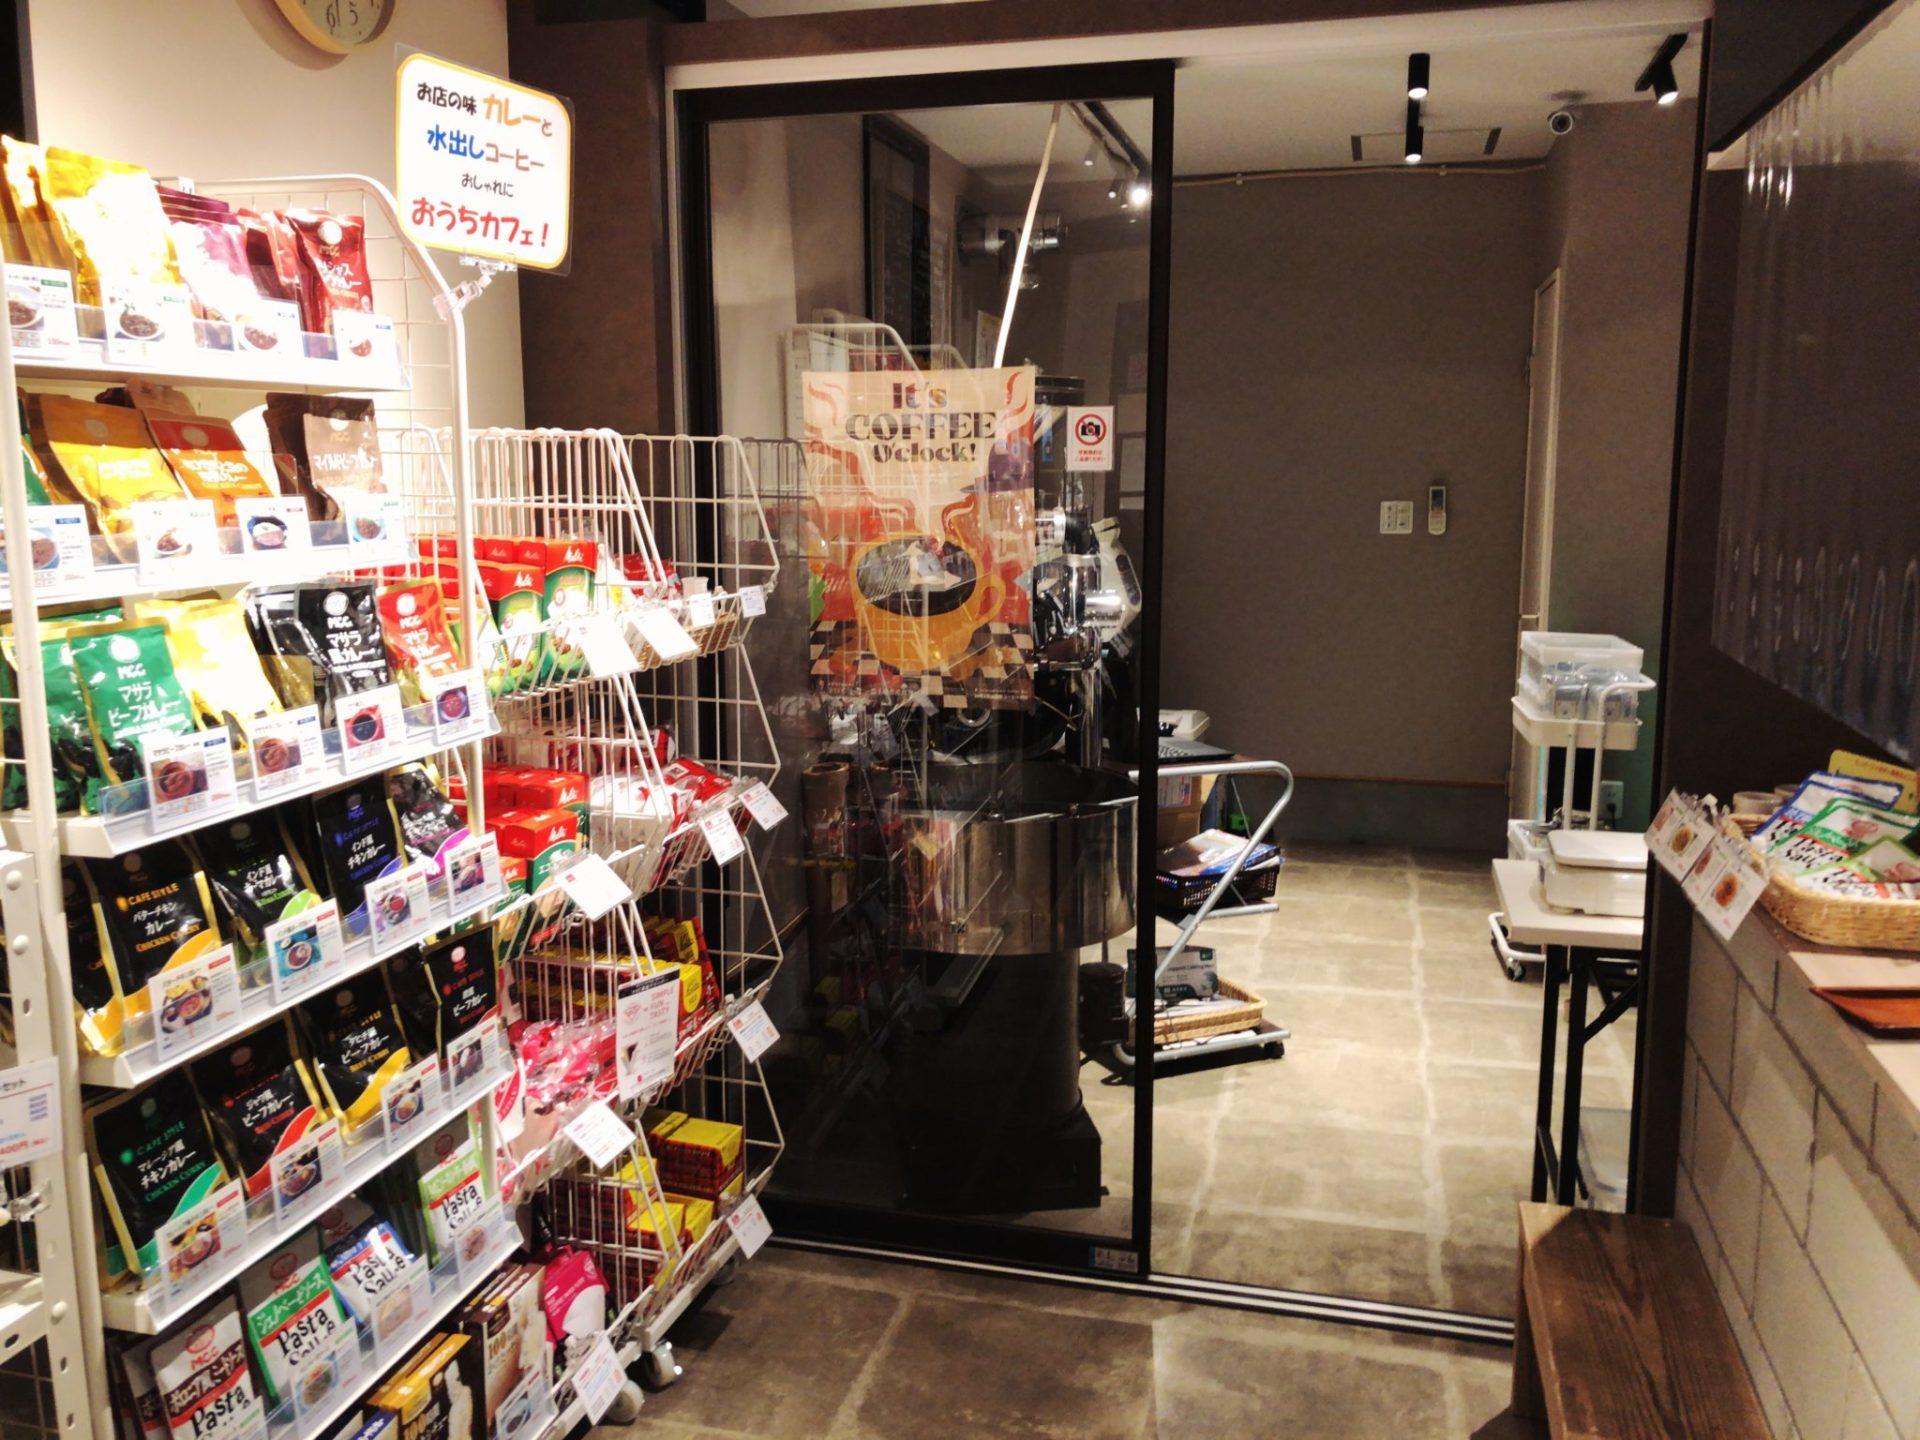 高根珈琲経堂店のレトルトカレーやパスタソース